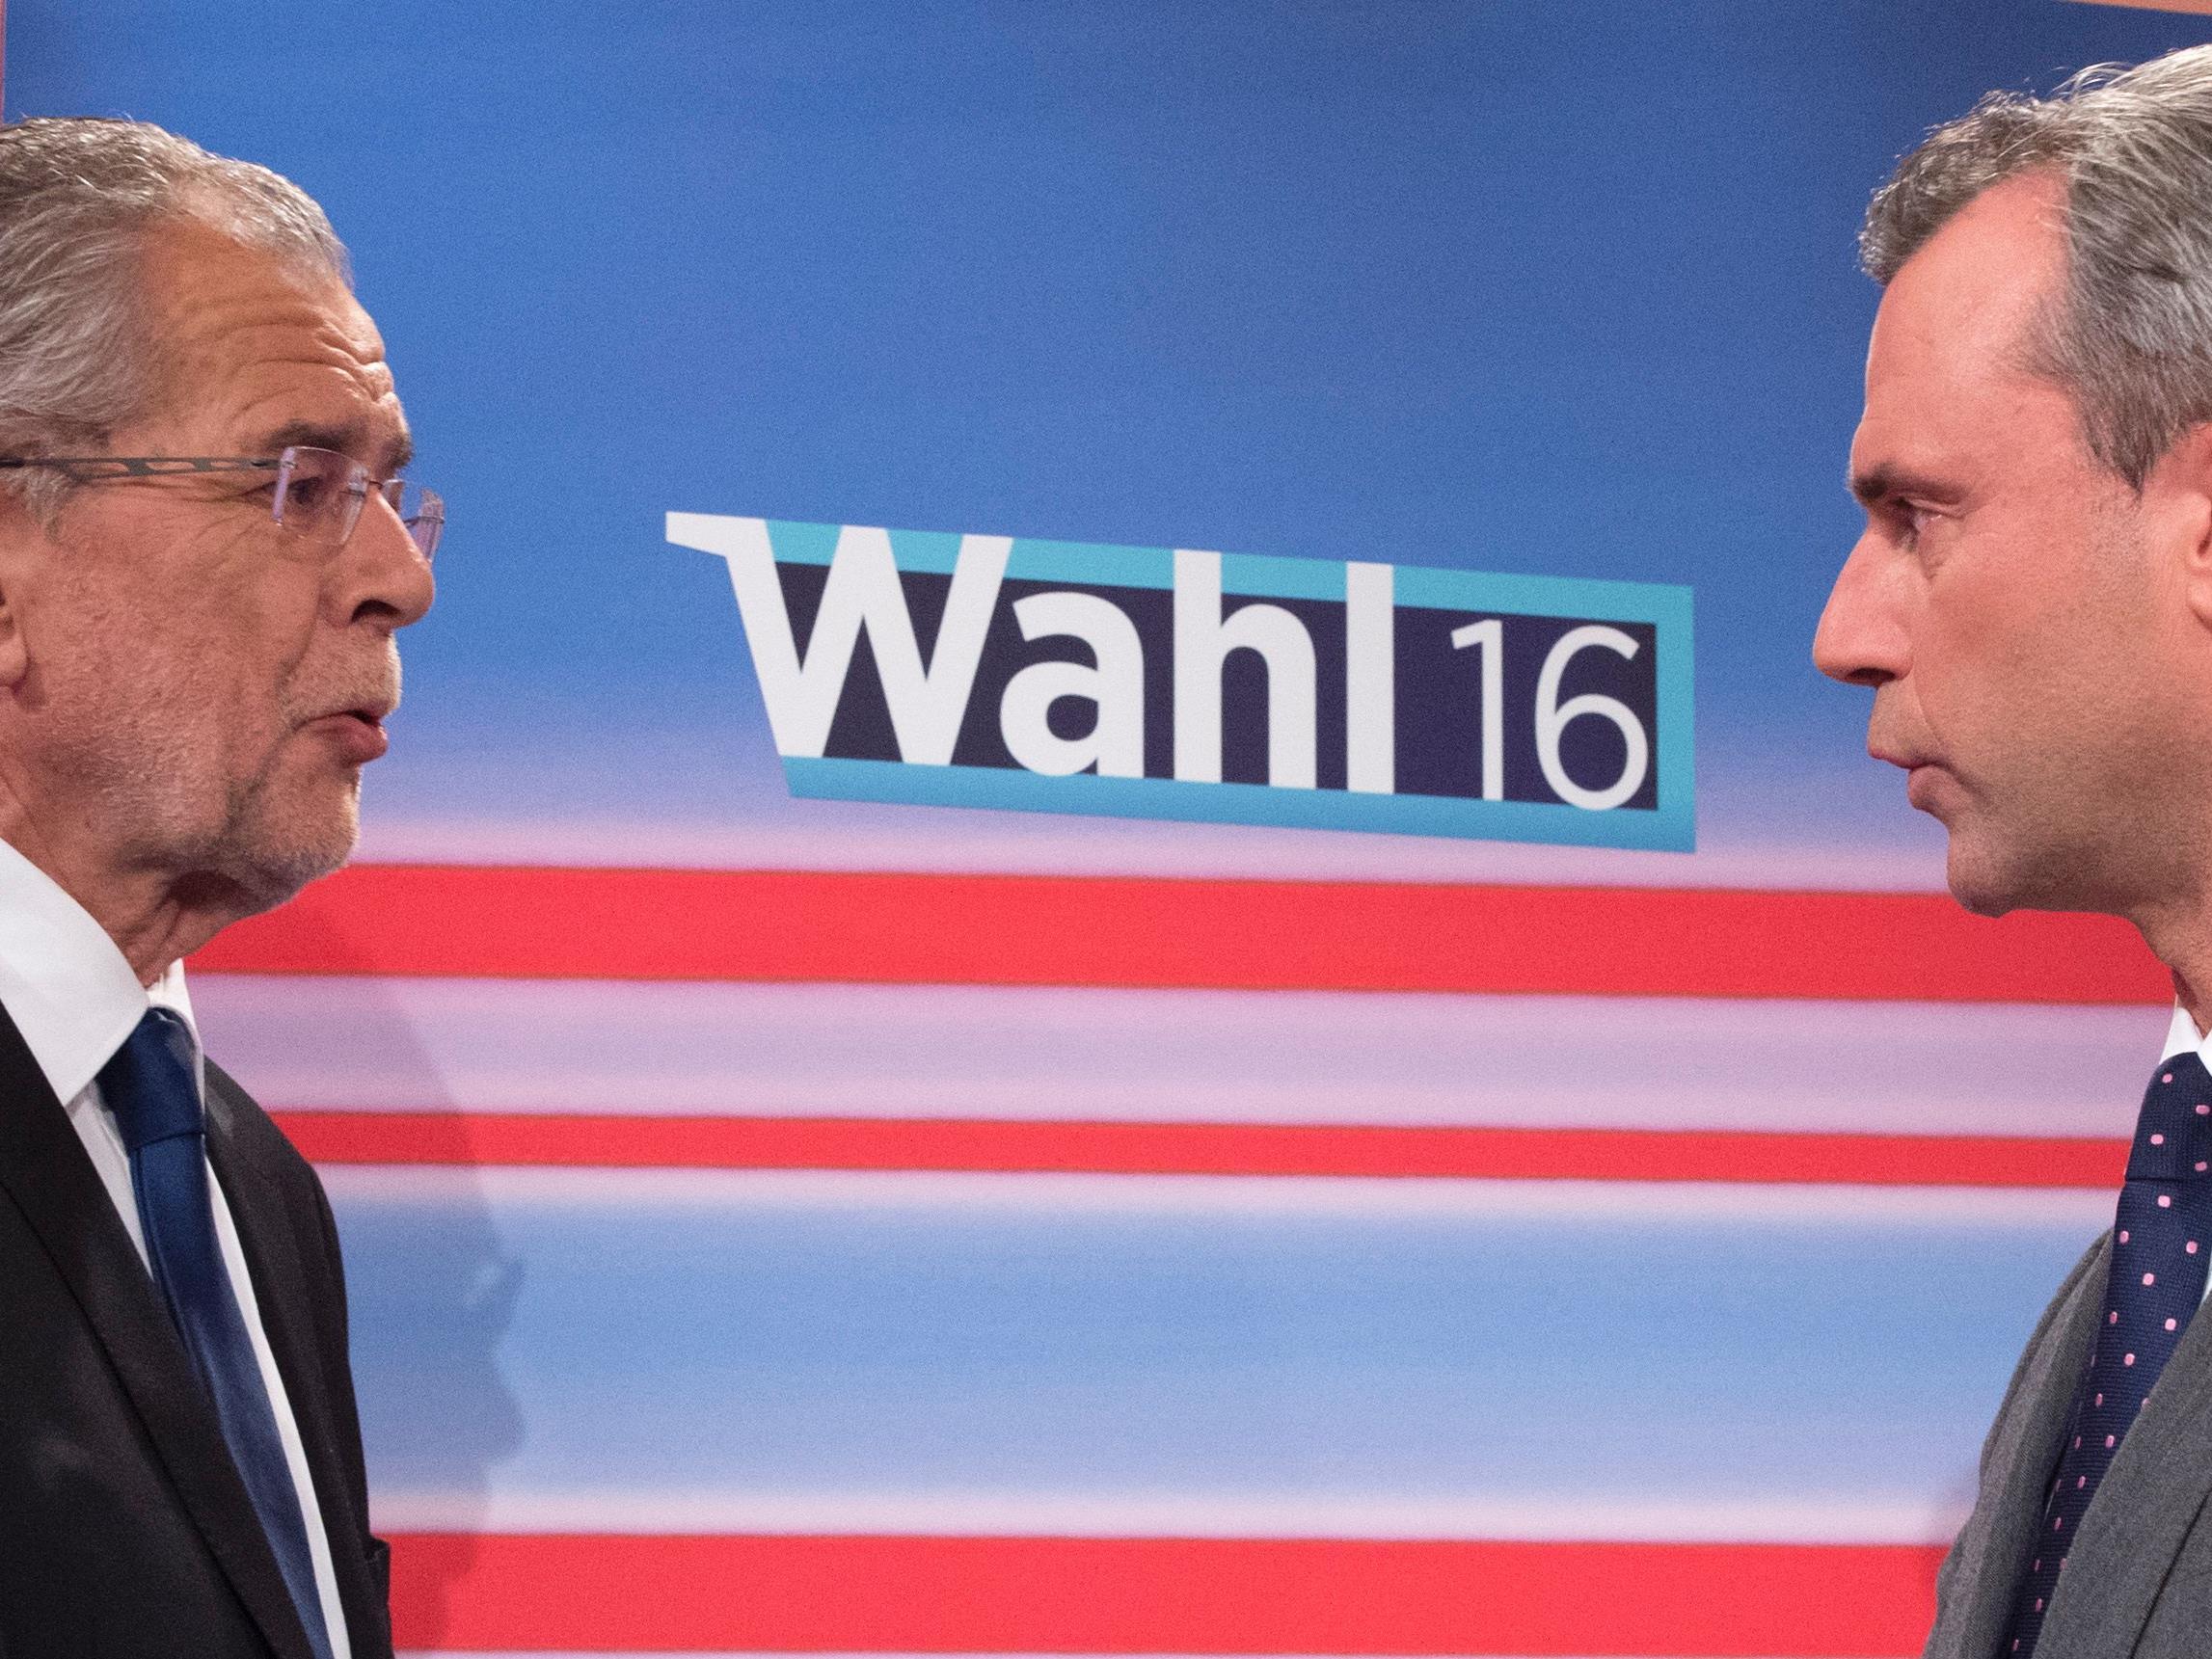 Am 2. Oktober sollen Alexander van der Bellen und Norbert Hofer erneut zur Wiederholung der Stichwahl antreten.